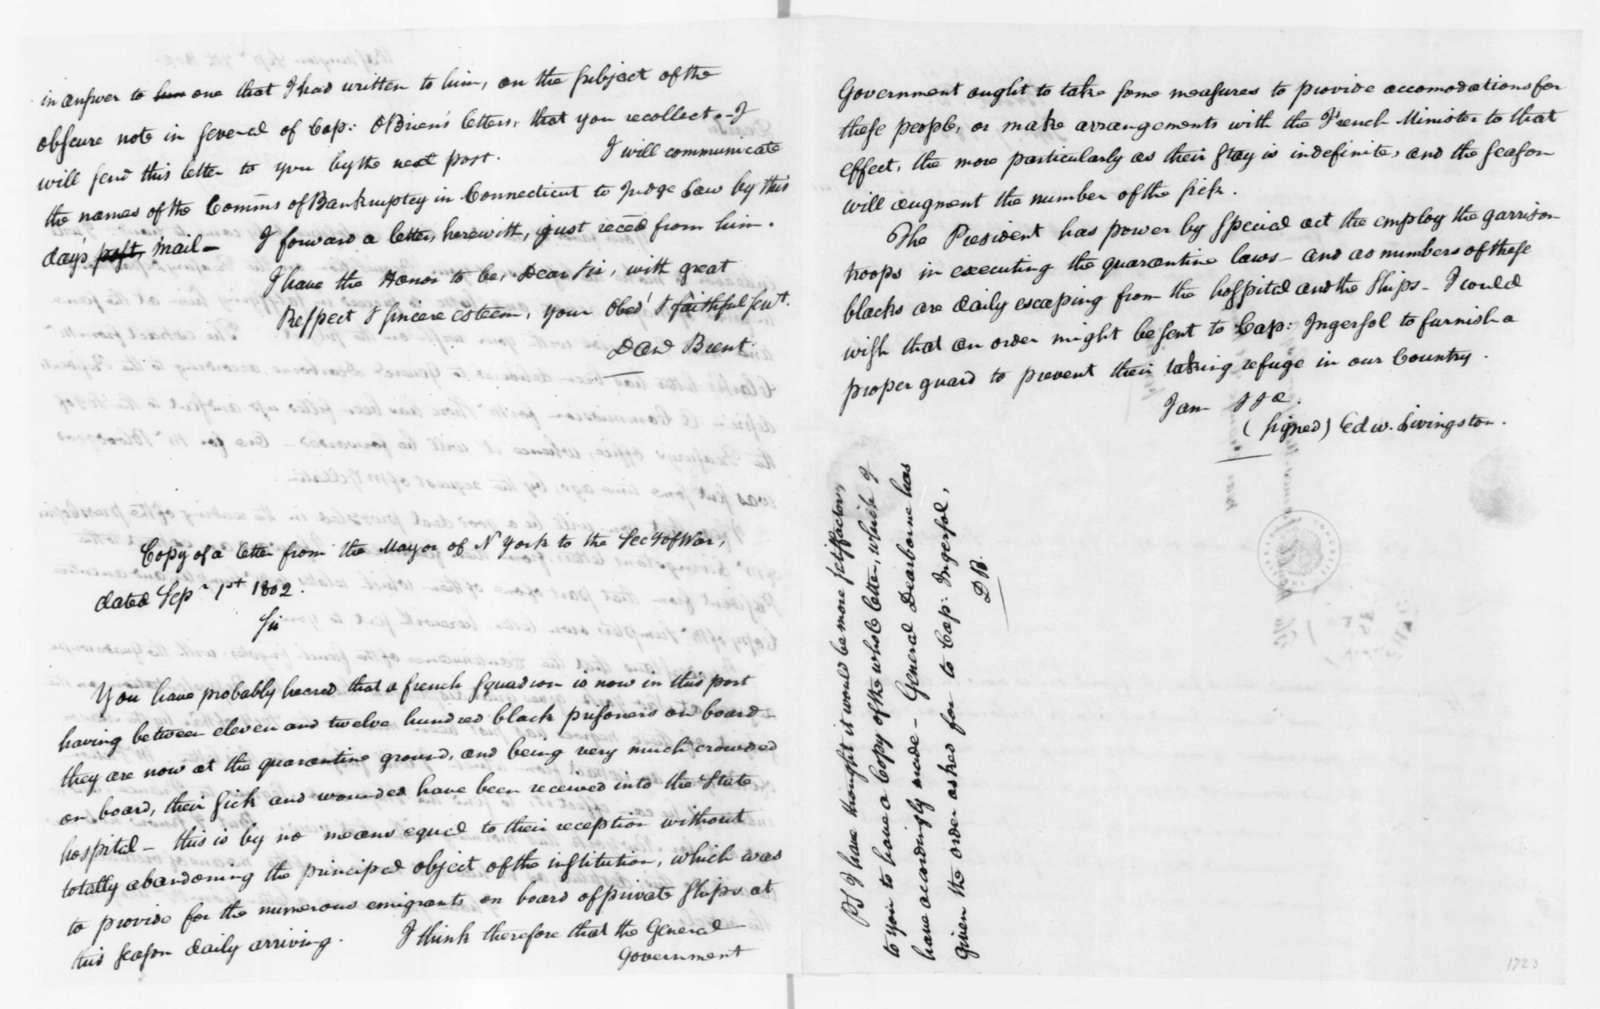 Daniel Brent to James Madison, September 7, 1802.